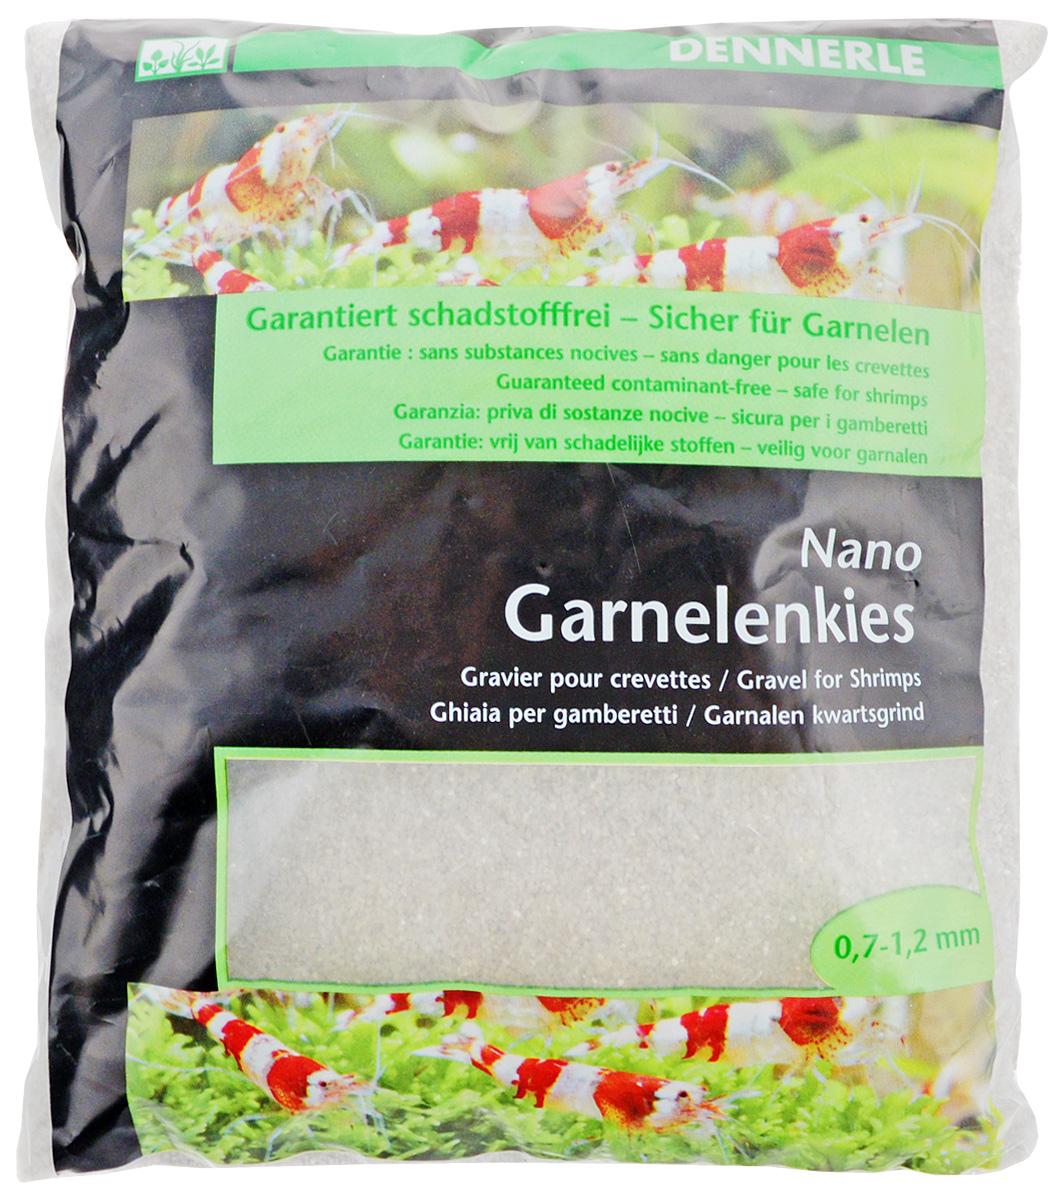 Грунт для аквариума Dennerle Nano Garnelenkies, натуральный, цвет: светло-серый, 0,7-1,2 мм, 2 кгDEN1743Натуральный грунт Dennerle Nano Garnelenkies предназначен специально для оформления небольших аквариумов. Изделие готово кприменению.Натуральный гравий имеет округлую форму зерна, поэтому он безопасен для донных рыб. Гравий является светостойким, он устойчив к CO2, нейтрален к воде. Грунт Dennerle порадует начинающих любителейприроды и самых придирчивых дизайнеров, стремящихсяк созданию нового, оригинального. Такая декорацияпридутся по вкусу и обитателям аквариумов итеррариумов, которые ещё больше приблизятся кприродной среде обитания.Фракция: 0,7-1,2 мм. Вес: 2 кг.